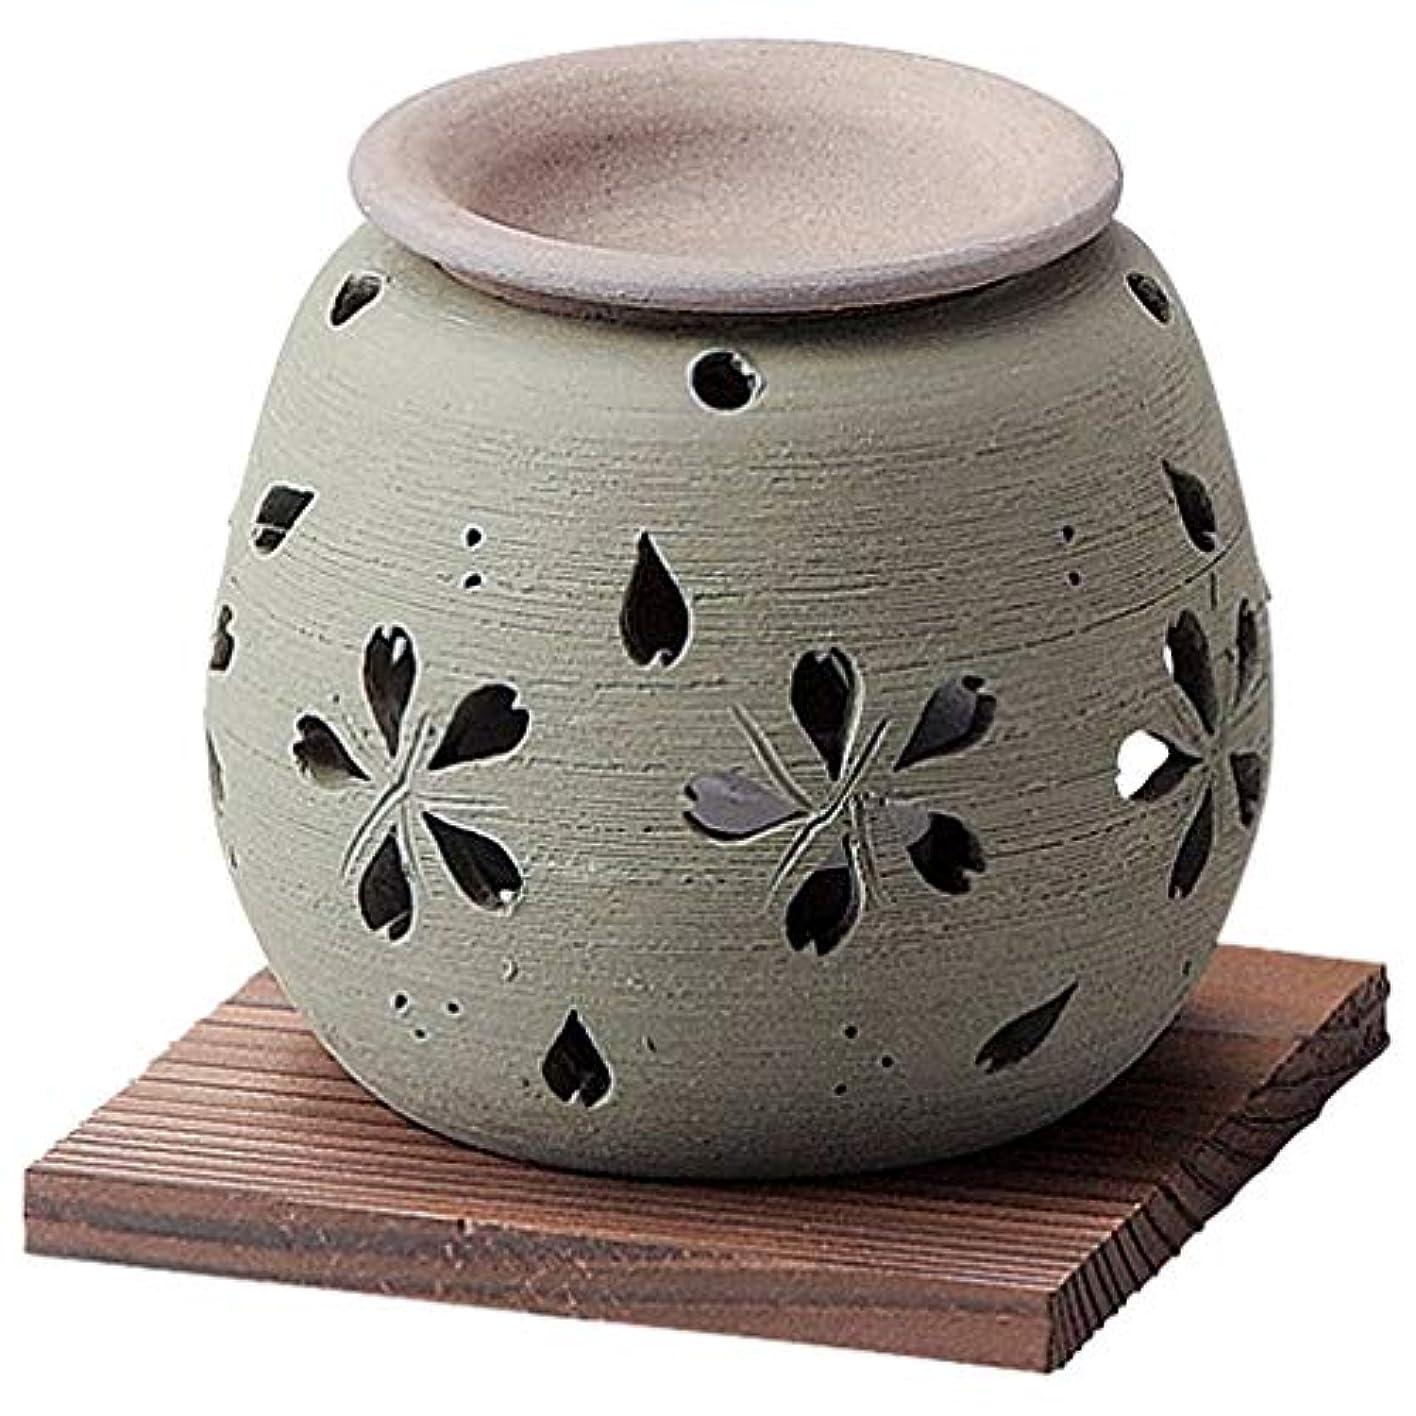 人物条約ほめるお部屋の消臭に!■常滑焼【茶香炉】石龍作 緑桜茶香炉